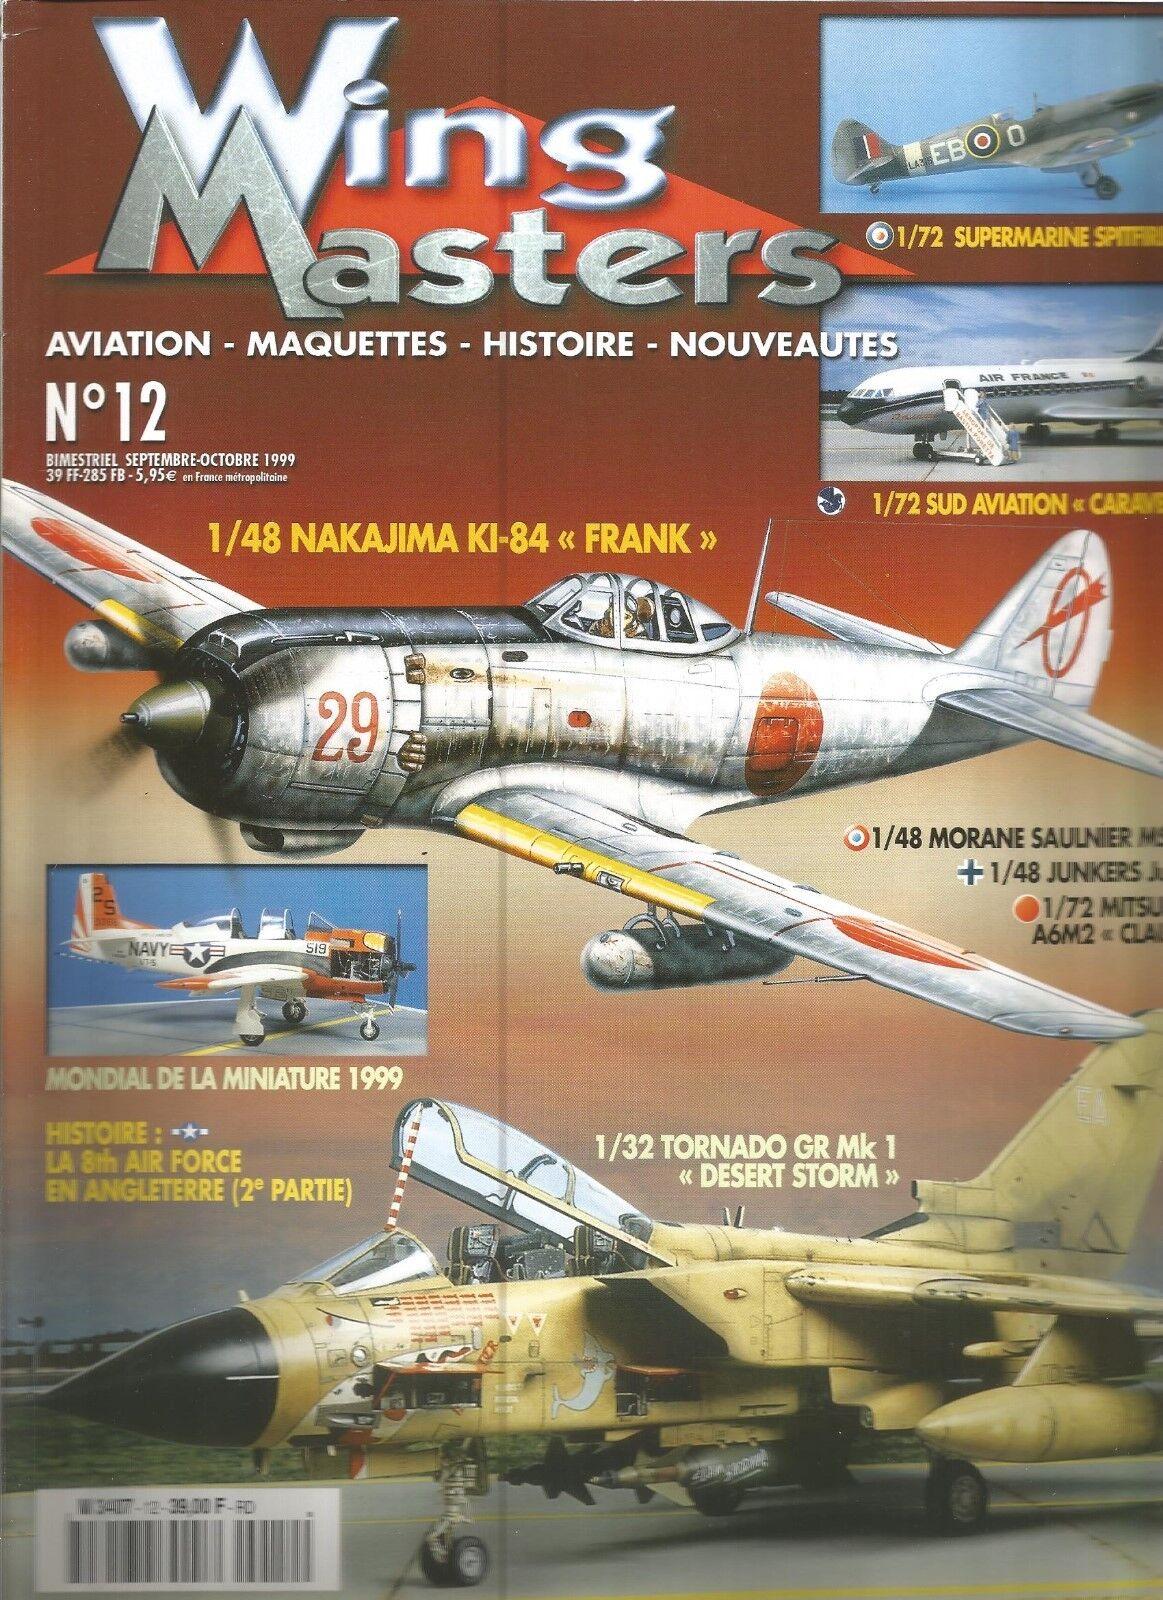 WING MASTERS N°12 NAKAJIMA KI-84  FRANK    TORNADO GR Mk 1  DESERT STORM'